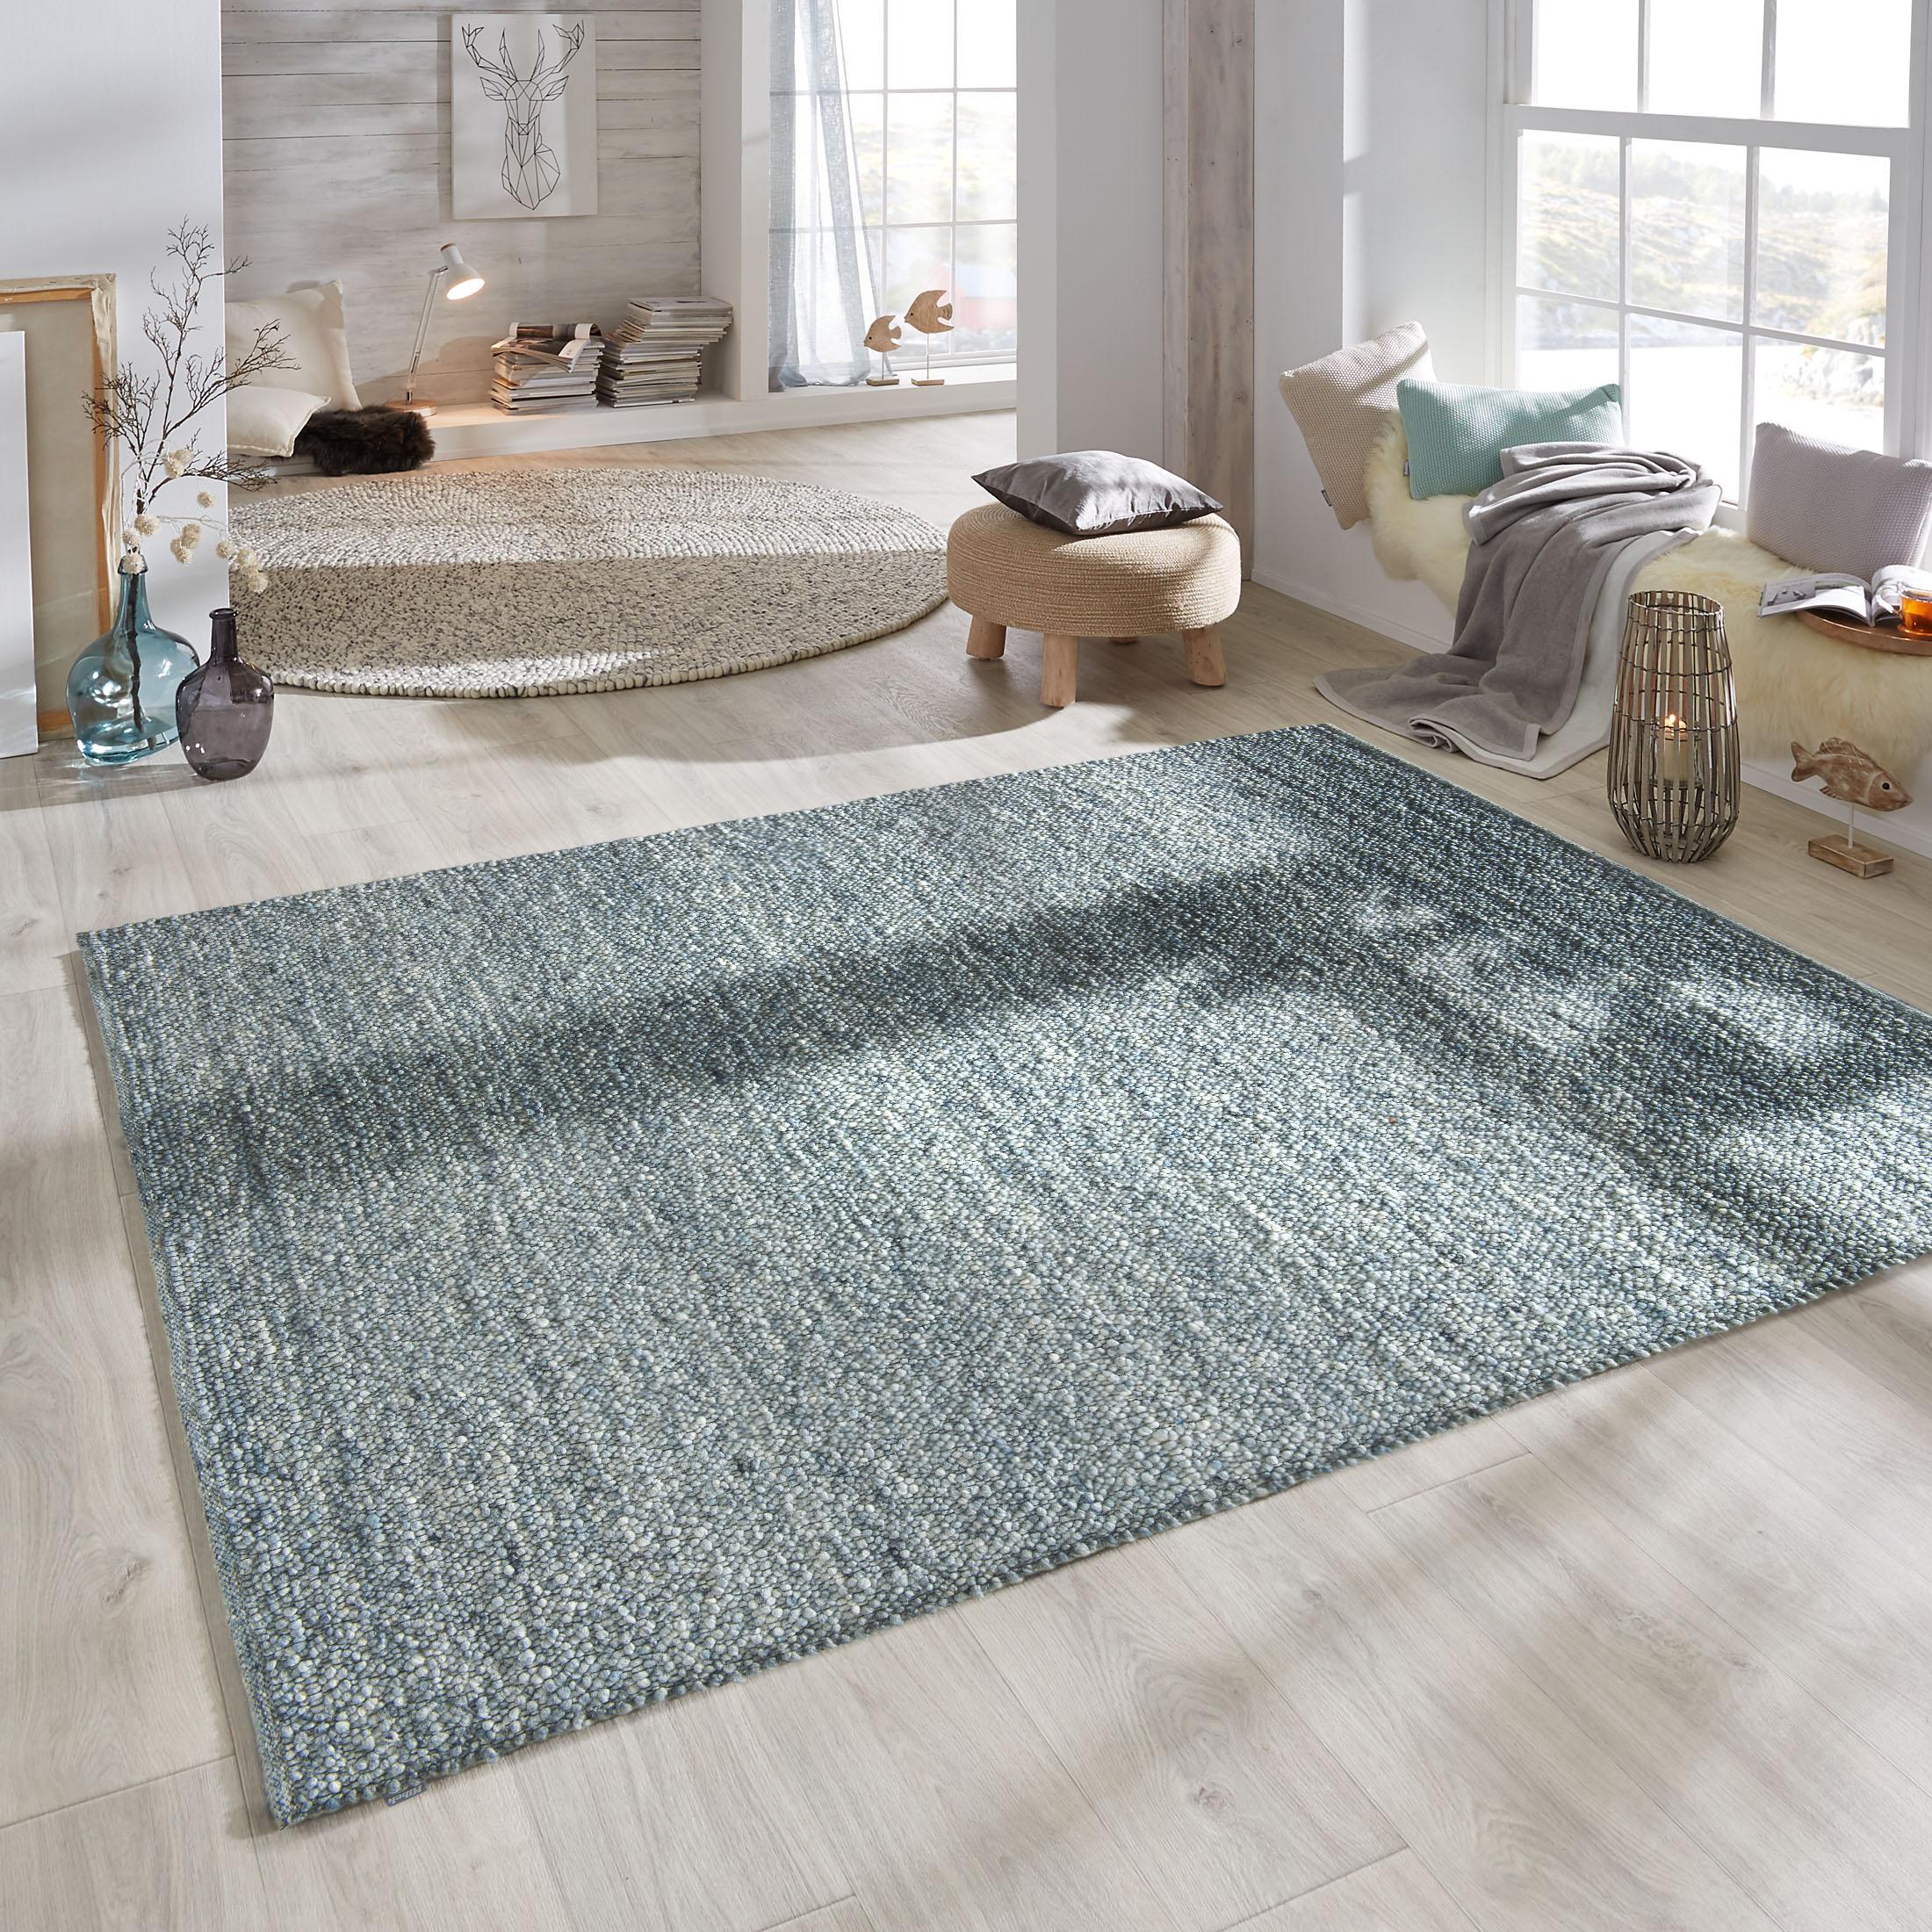 Full Size of Teppich 300x400 Gemtliche Woll Teppiche Online Kaufen Kibek Wohnzimmer Küche Bad Badezimmer Esstisch Steinteppich Für Schlafzimmer Wohnzimmer Teppich 300x400